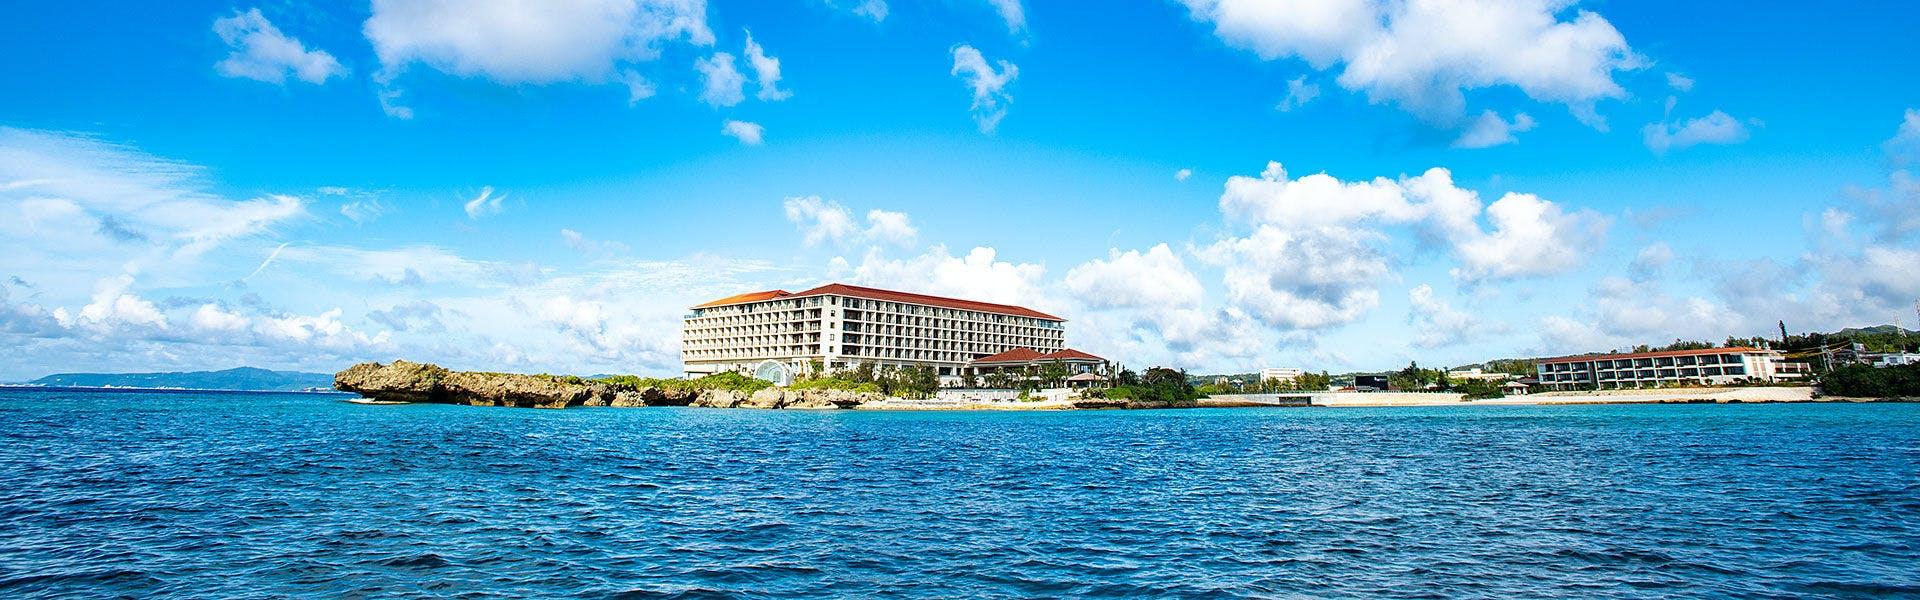 沖縄ホテル | 一度は泊まりたい...